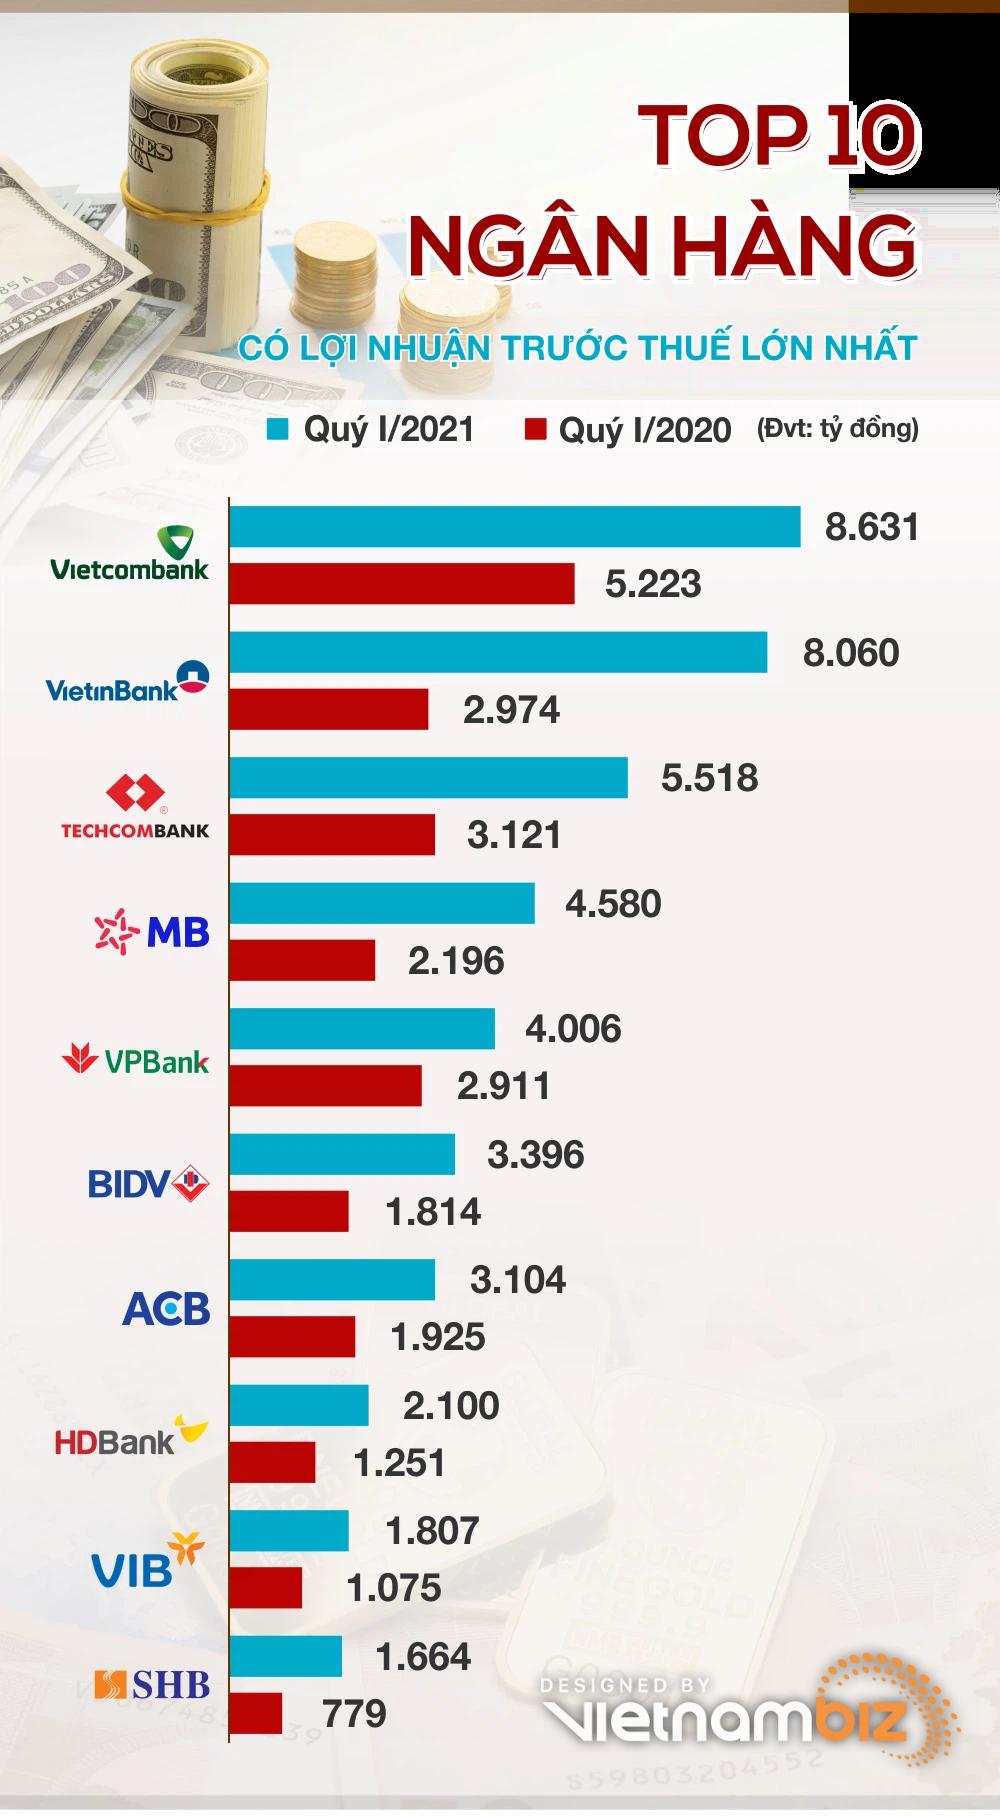 TOP 10 ngân hàng có lợi nhuận cao nhất quý I/2021 - Ảnh 1.